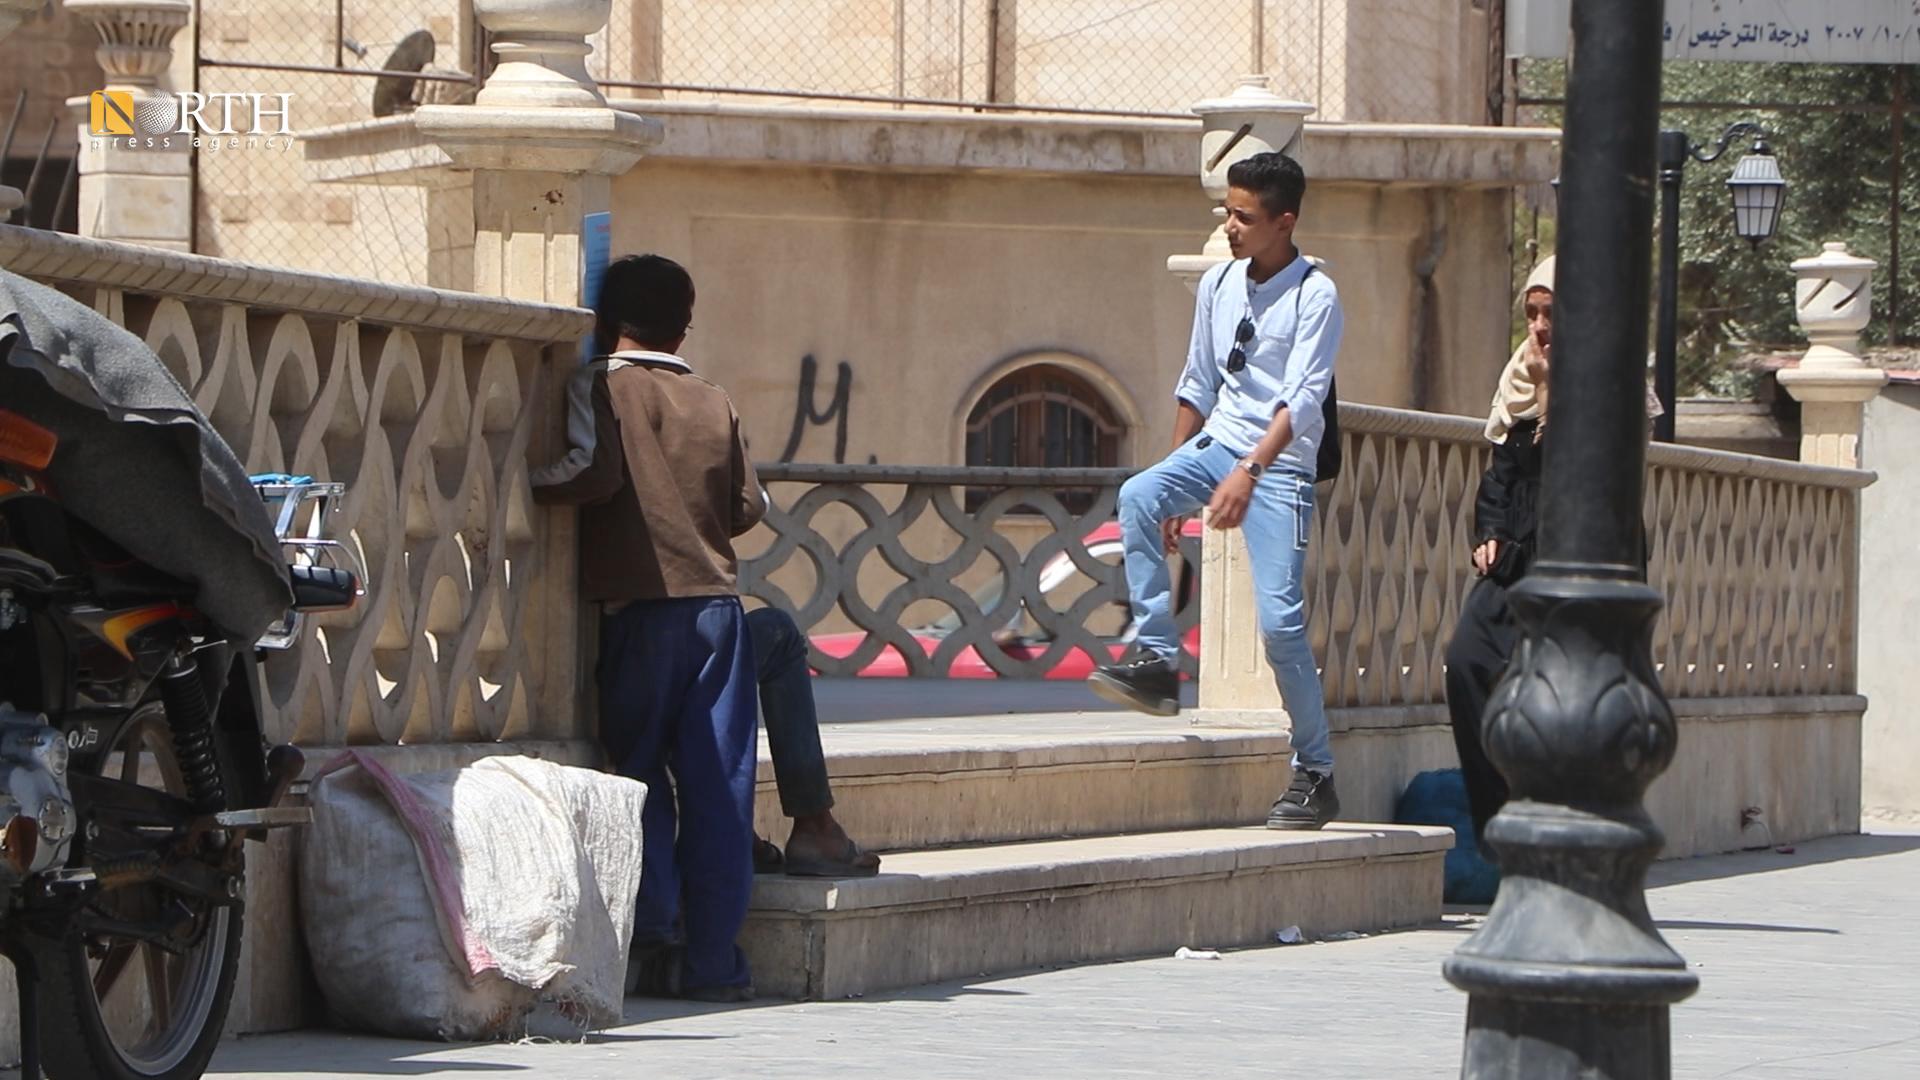 Children beggars standing in a street in Marsho neighborhood in Hasakah city - North-Press